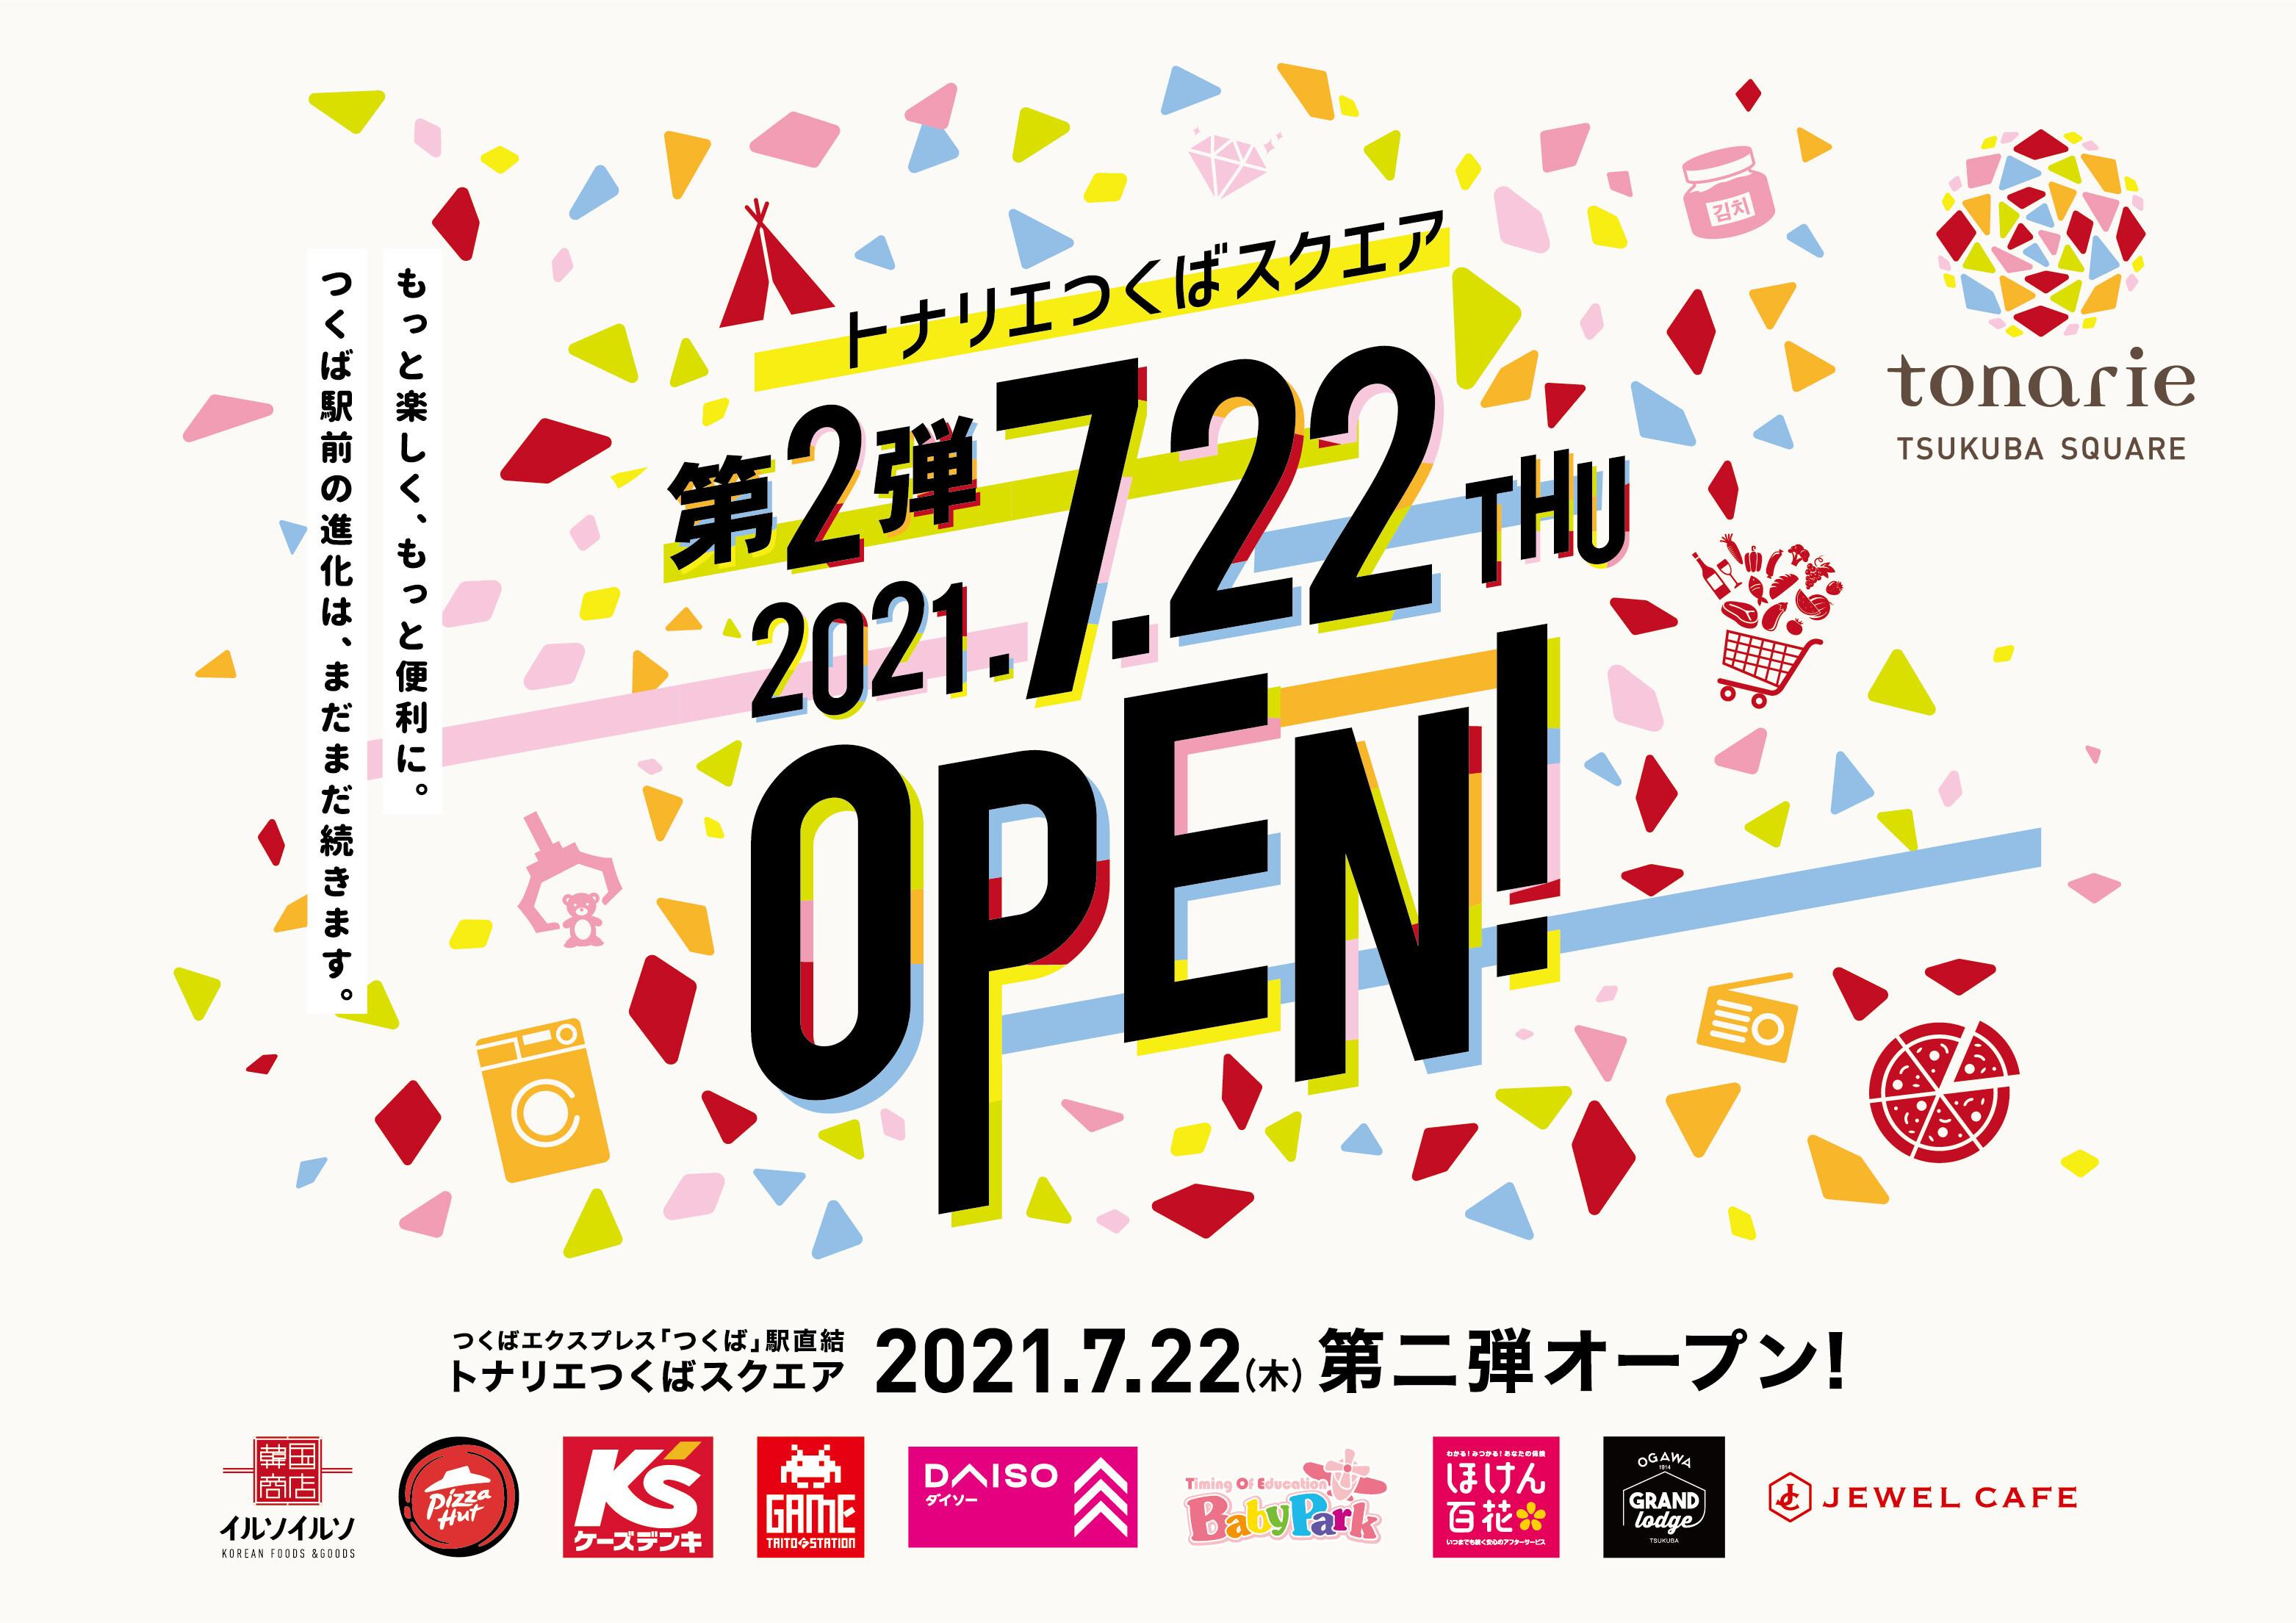 7.22第2弾OPEN